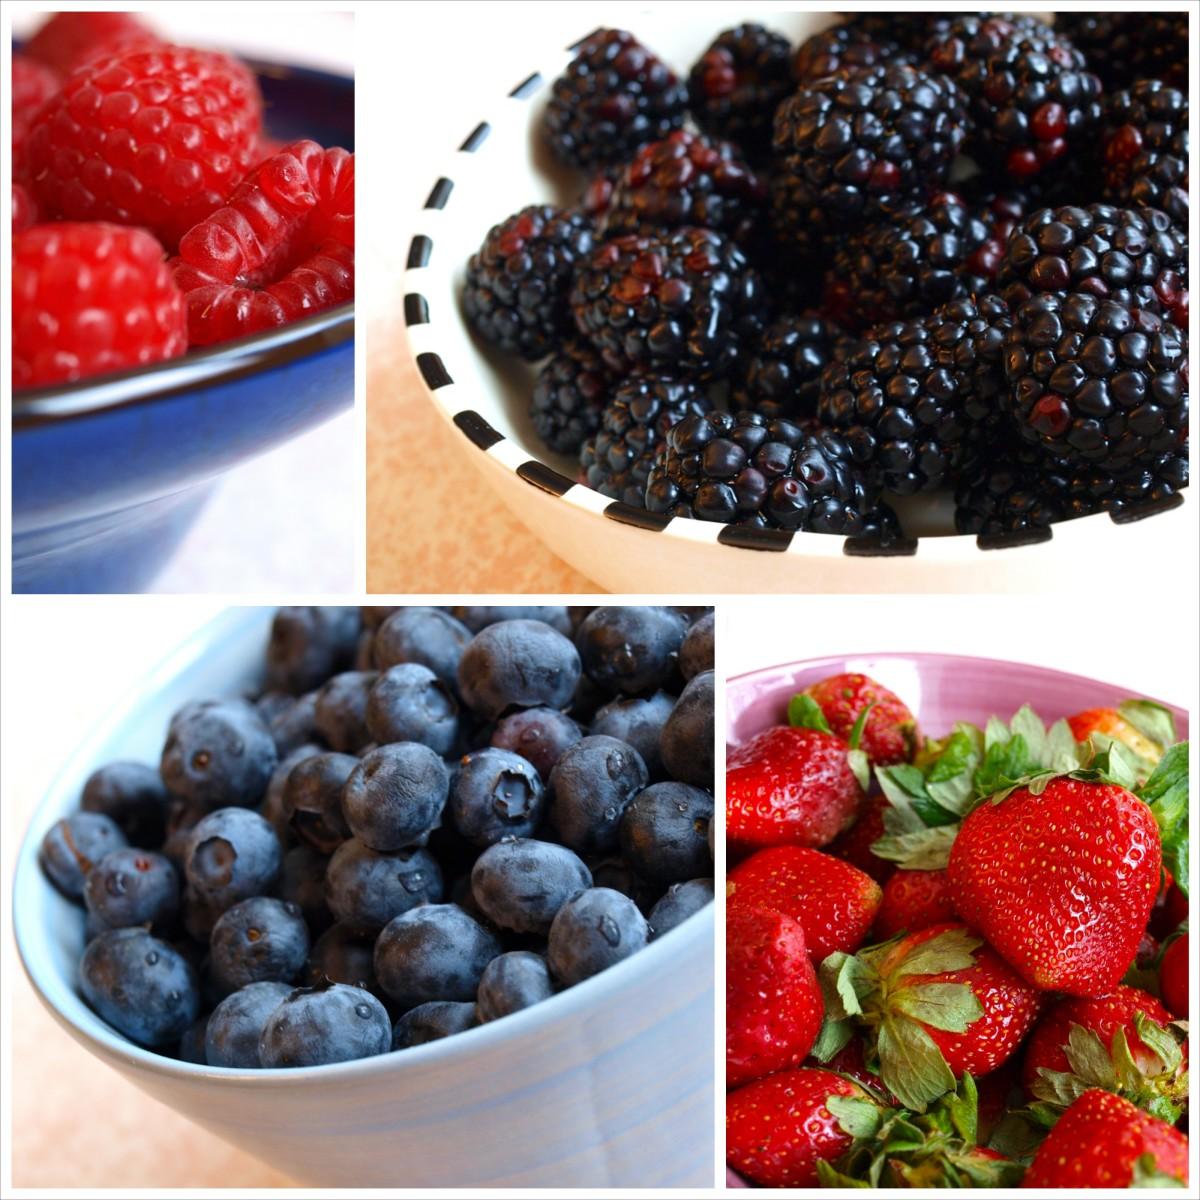 Raspberries, blackberries, blueberries and strawberries all make wonderful fruit sauces.